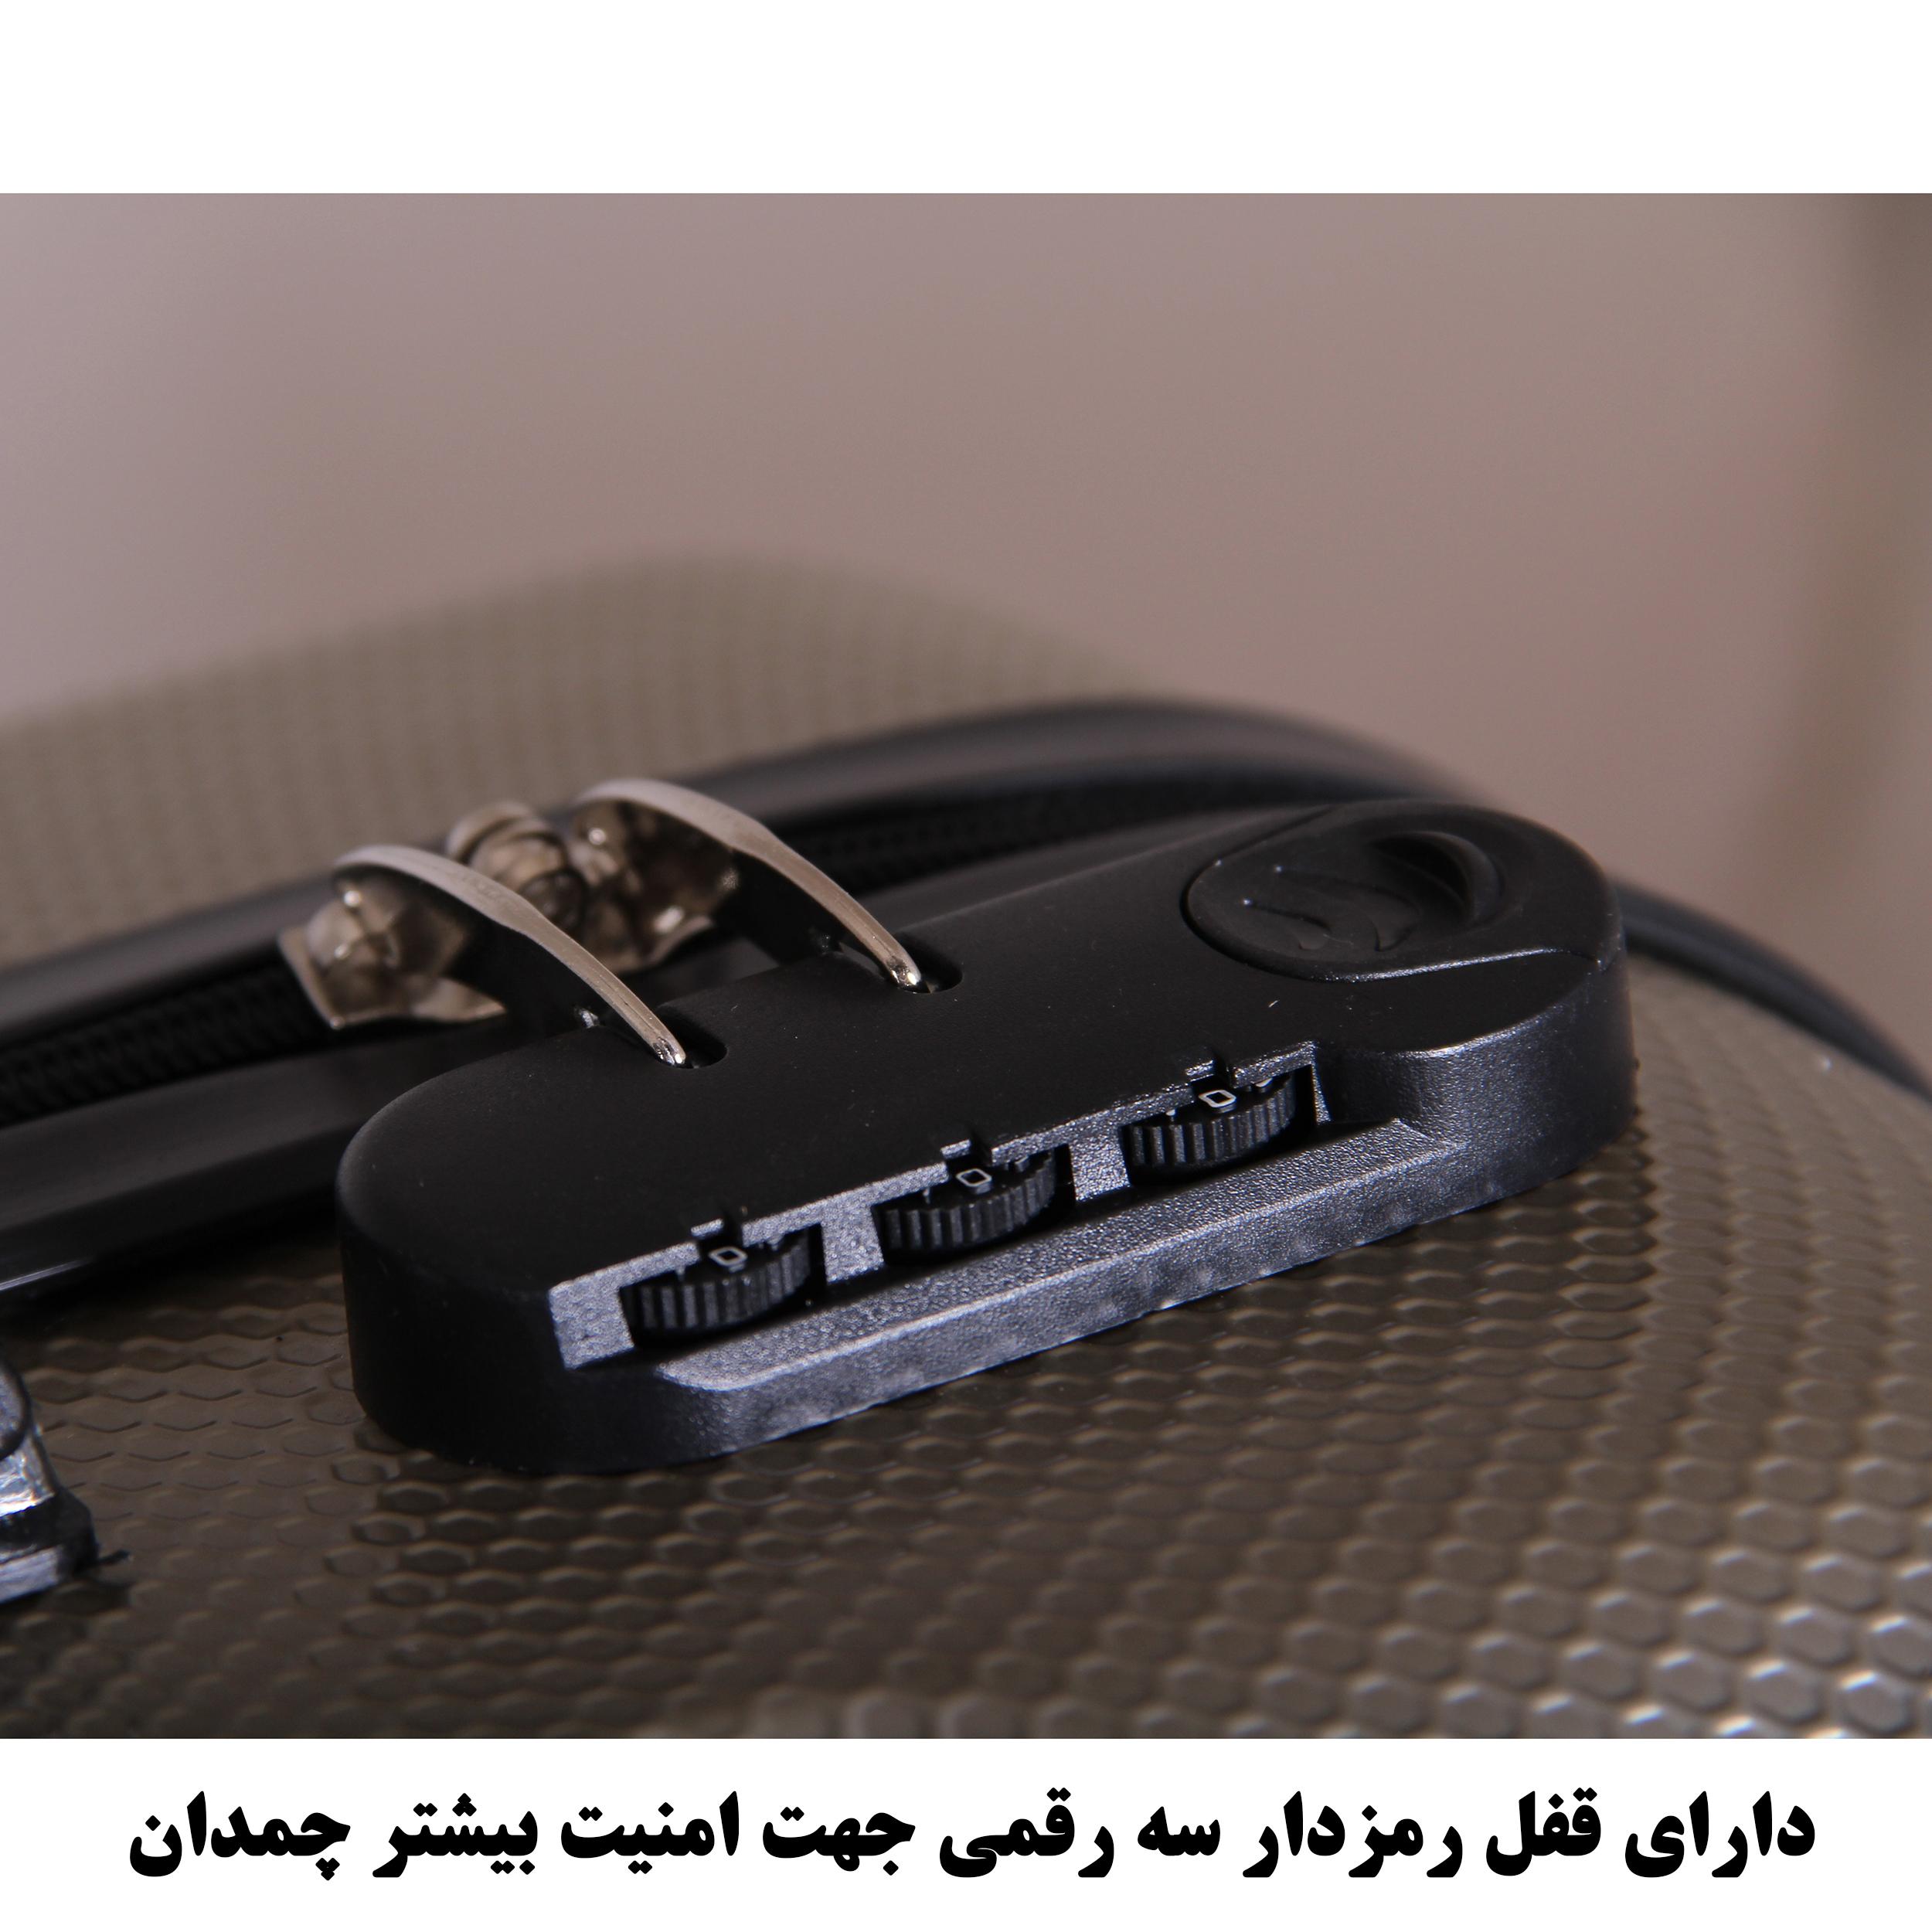 مجموعه چهار عددی چمدان اسپرت من مدل NS001 thumb 28